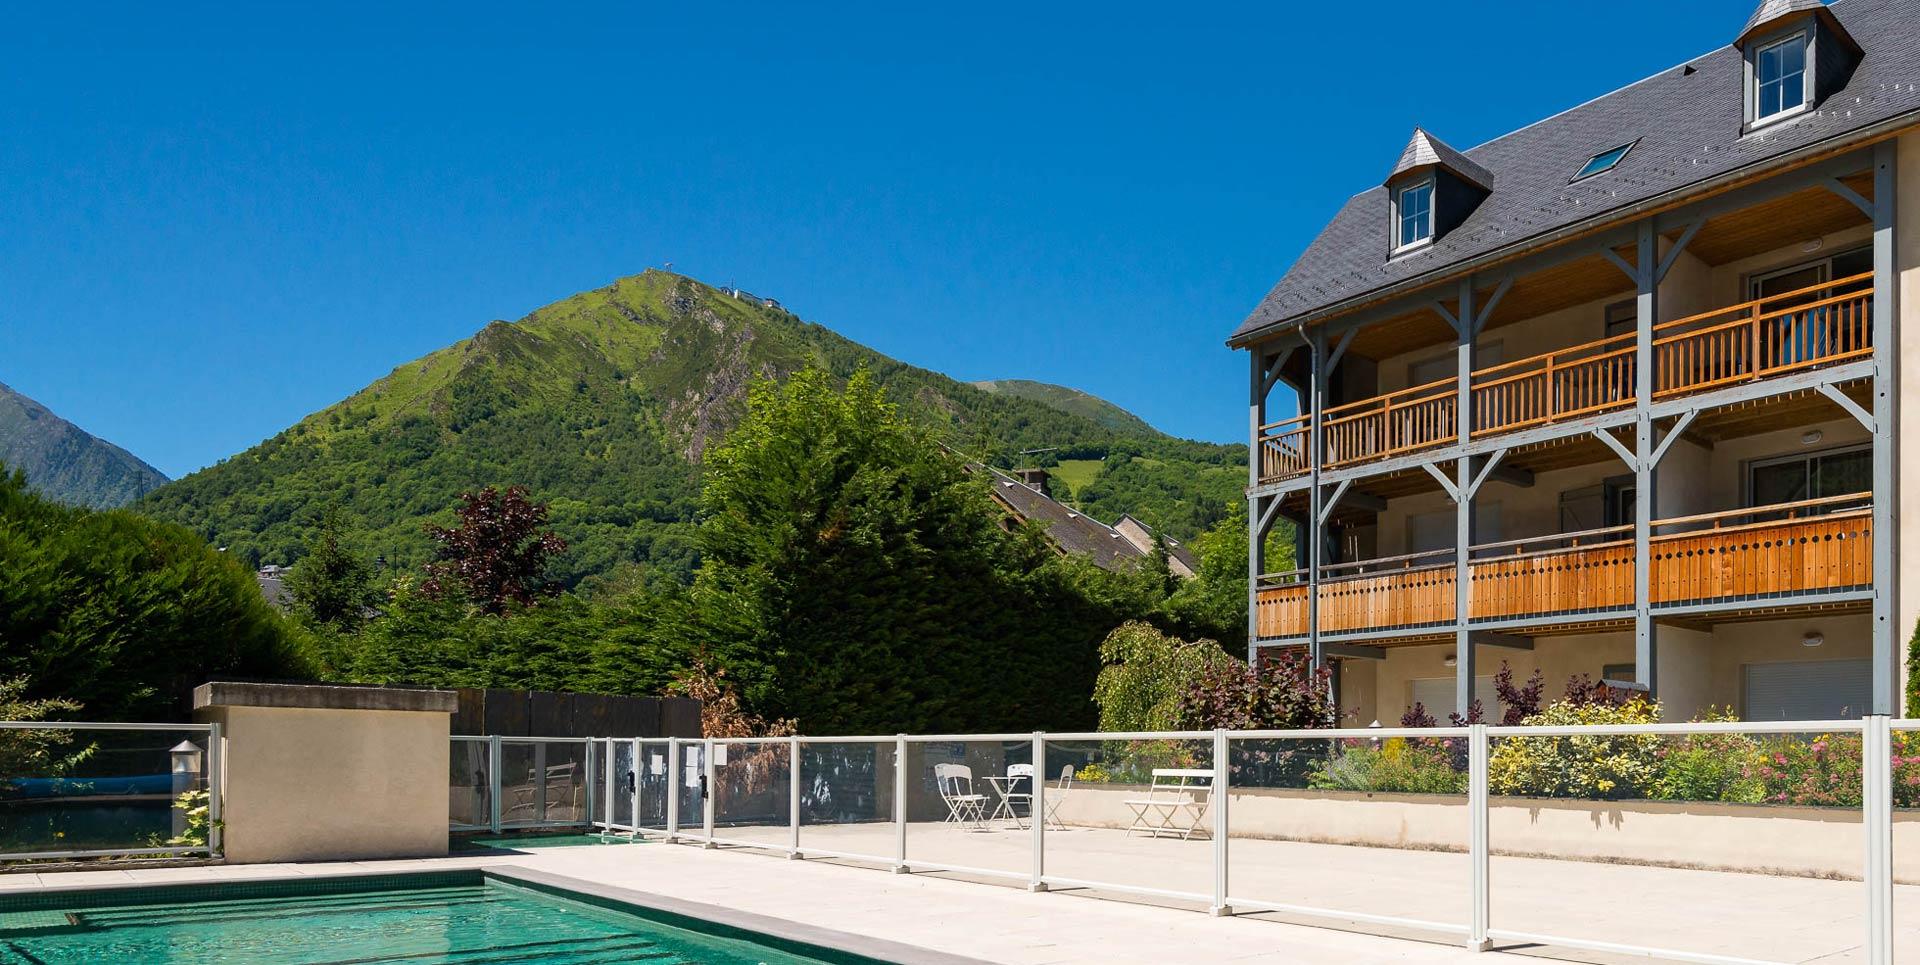 Séjour Hautes-Pyrénées - SAINT-LARY LE CLOS SAINT HILAIRE LAGRANGE VACANCES